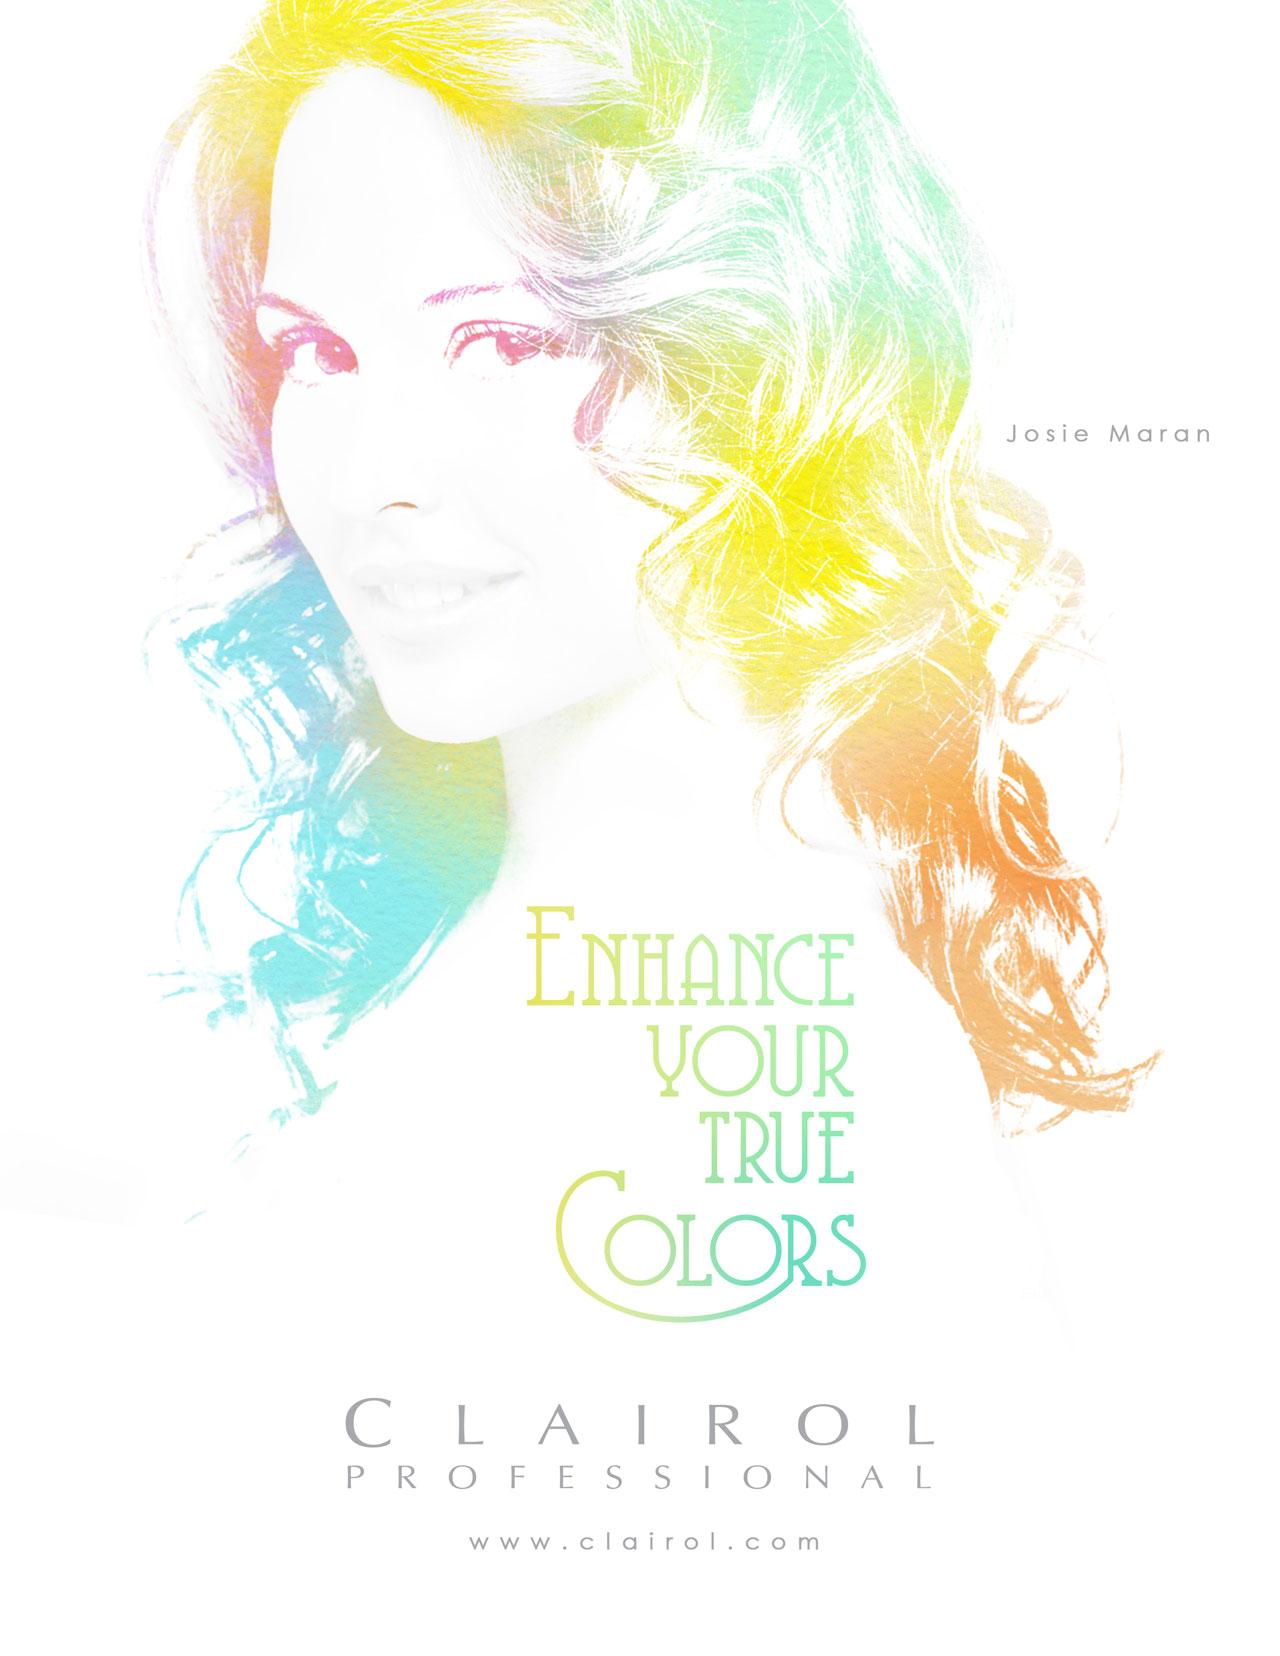 Clairol_ConceptAD